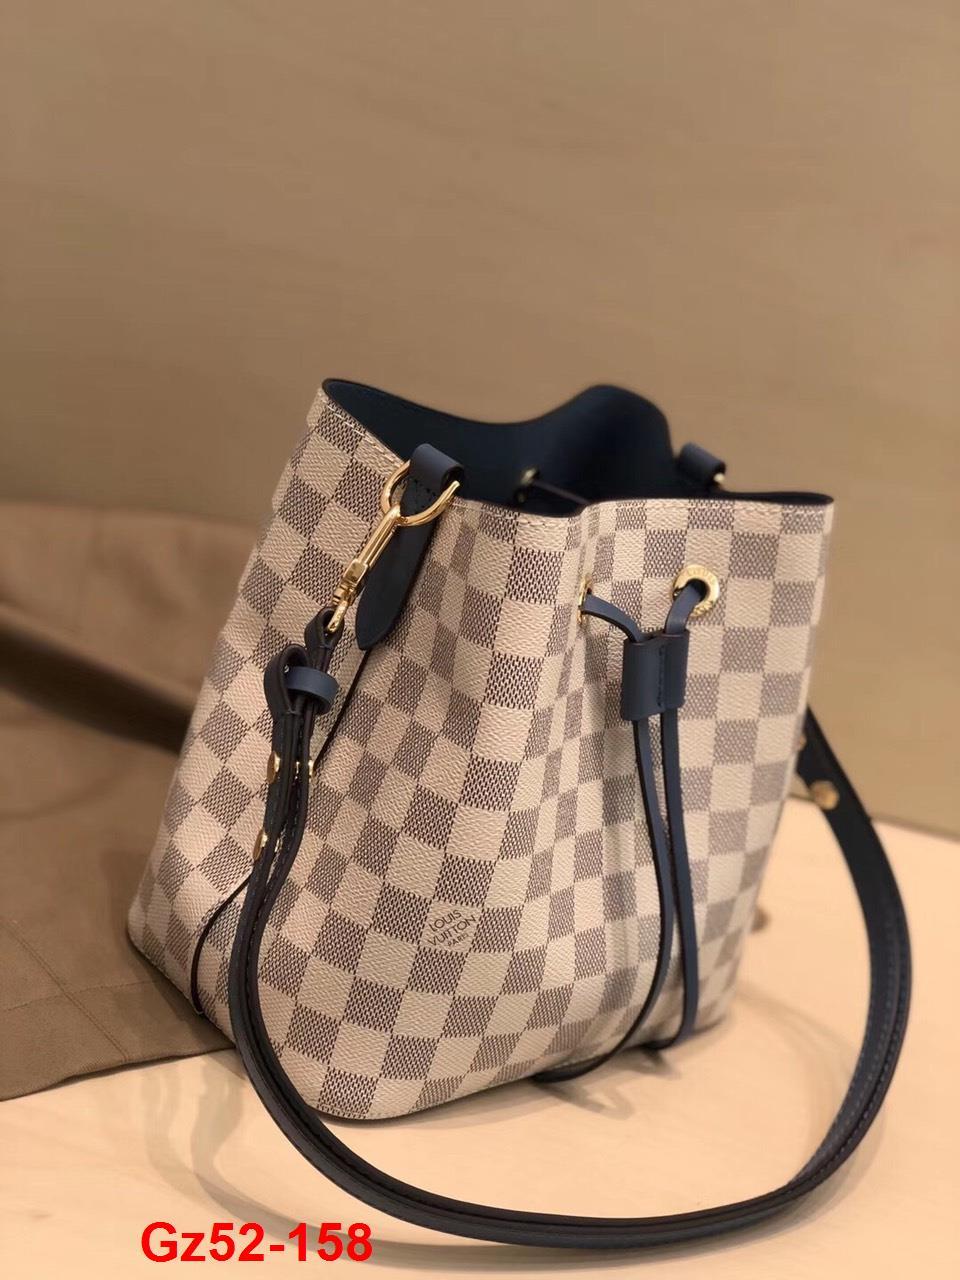 Gz52-158 Louis Vuitton túi size 20cm siêu cấp